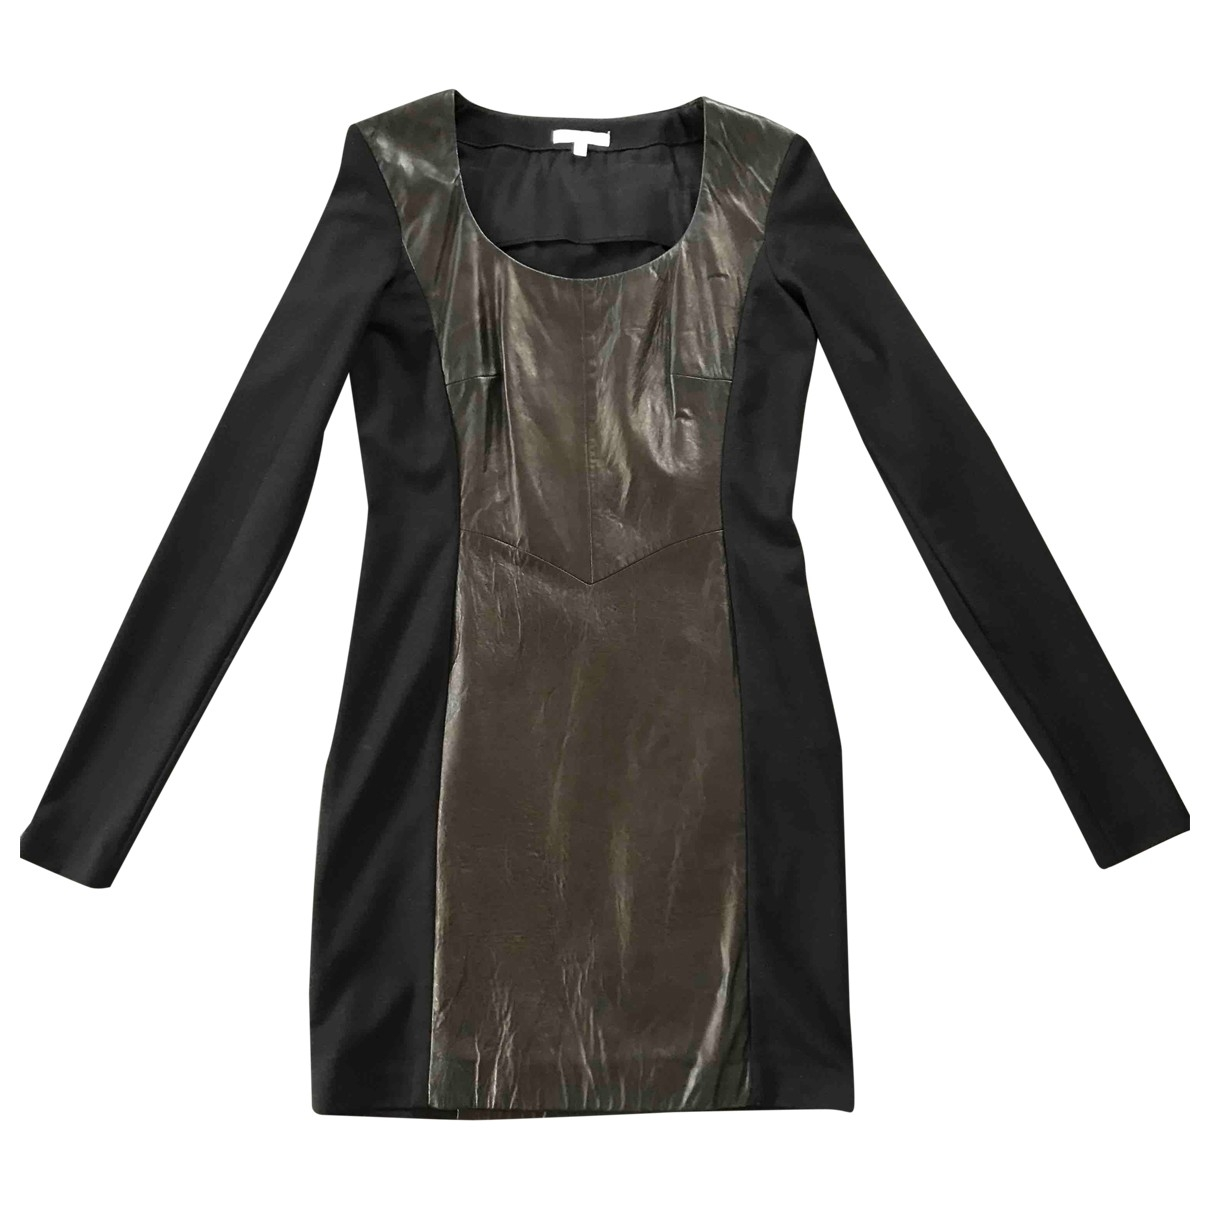 Gianfranco Ferre - Robe   pour femme en cuir - noir